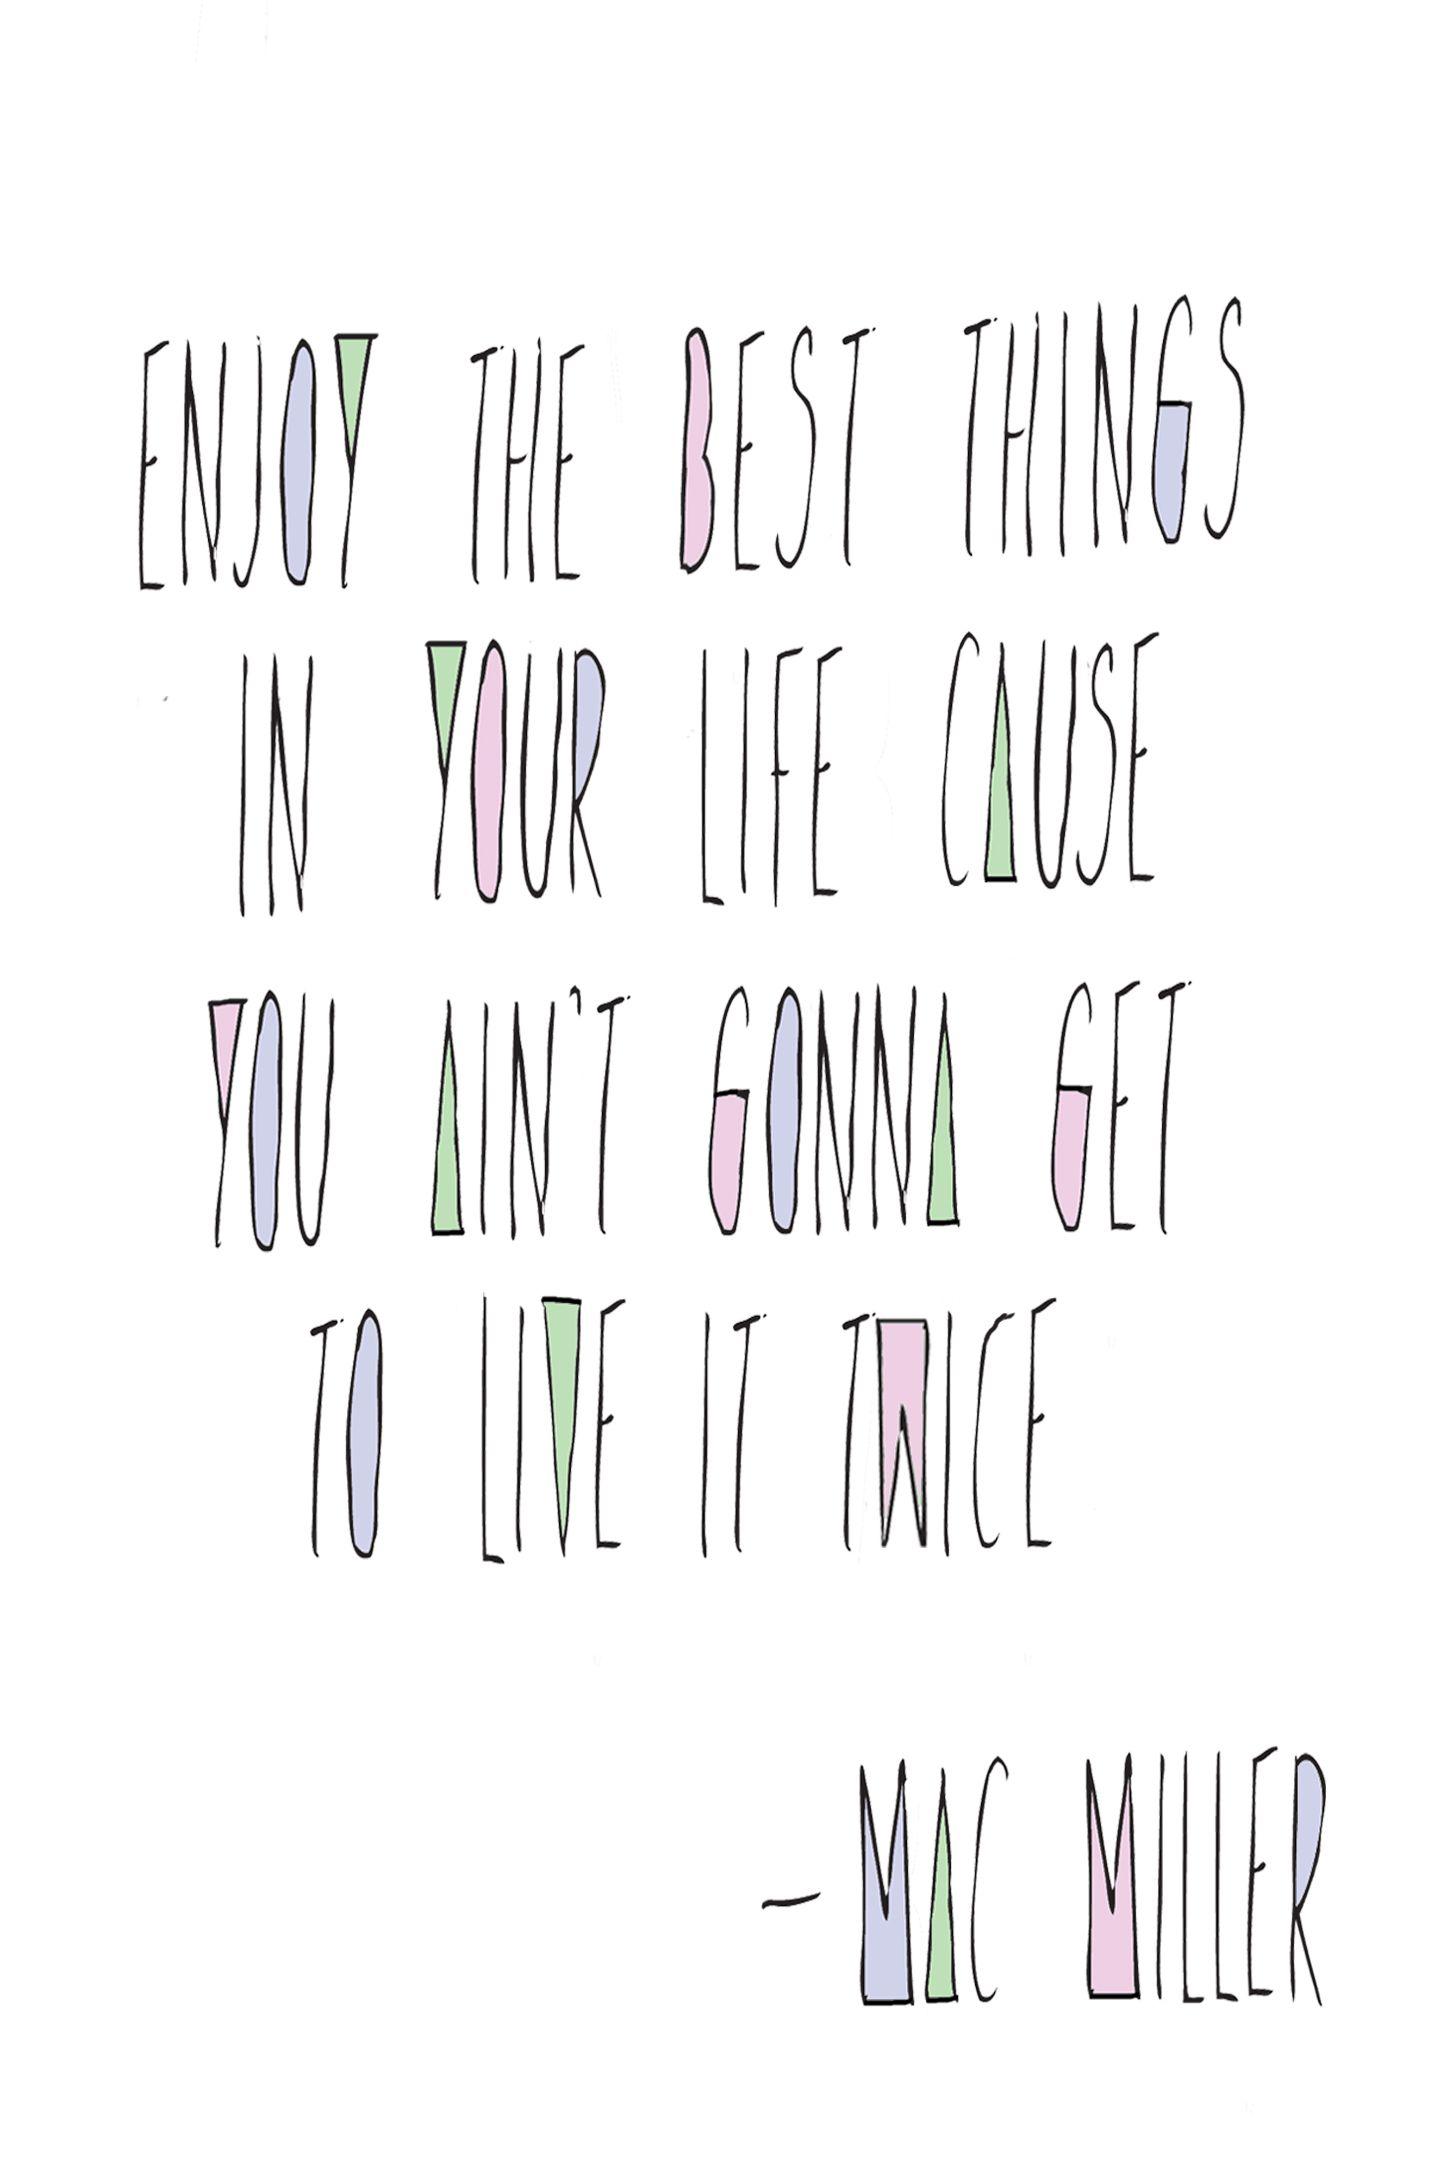 Mac Miller Quote Mac miller quotes, Senior quotes, Mac